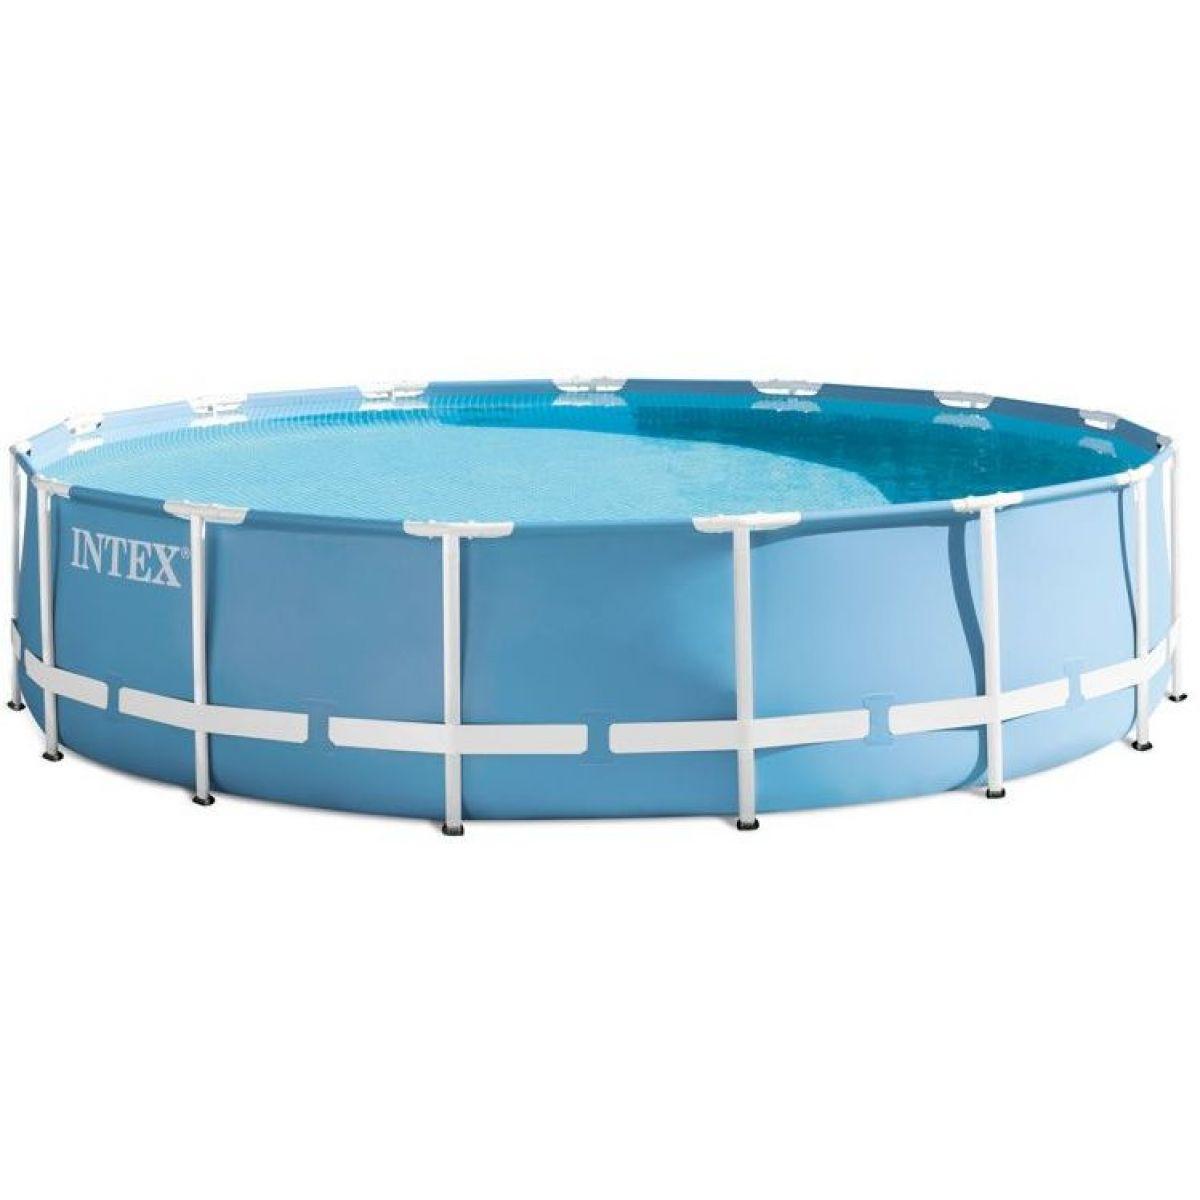 Intex 26728 Bazén kruhový s rámem Prism frame 4,57 m x 84 cm